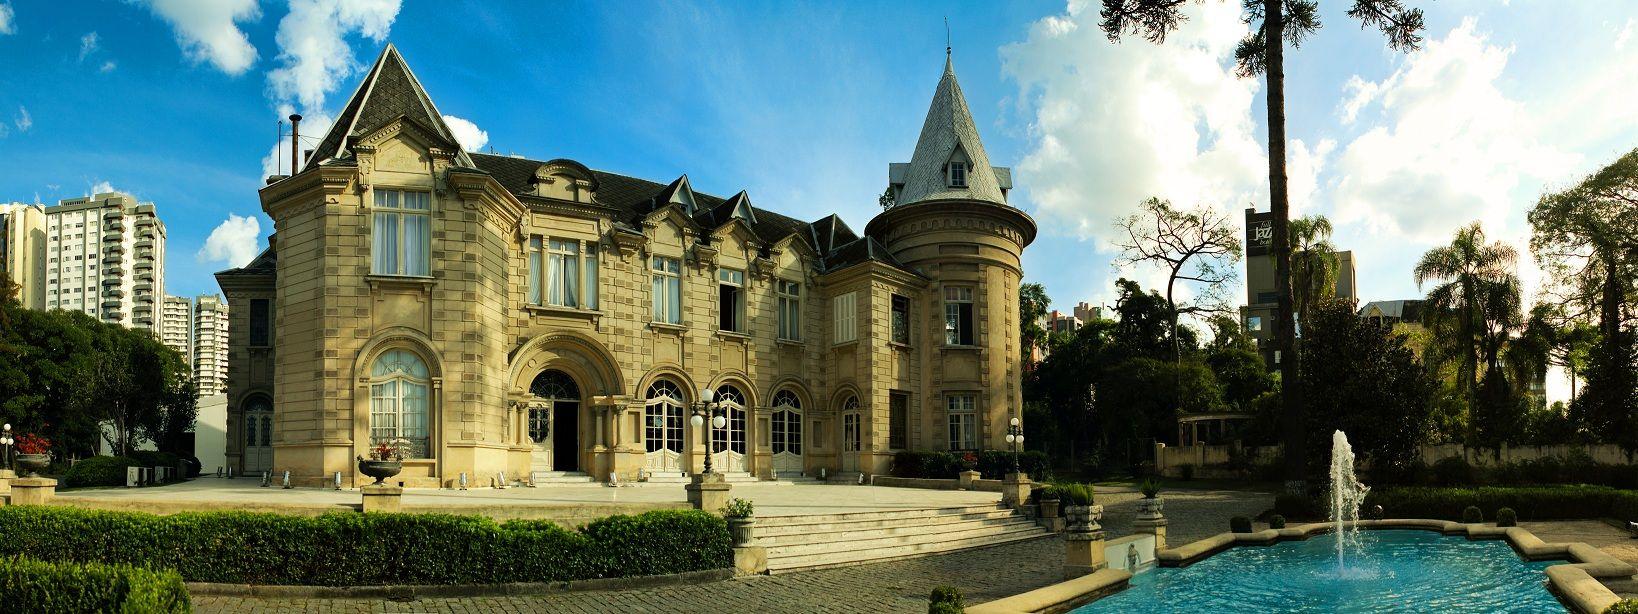 fotos castelos modernos - Pesquisa Google